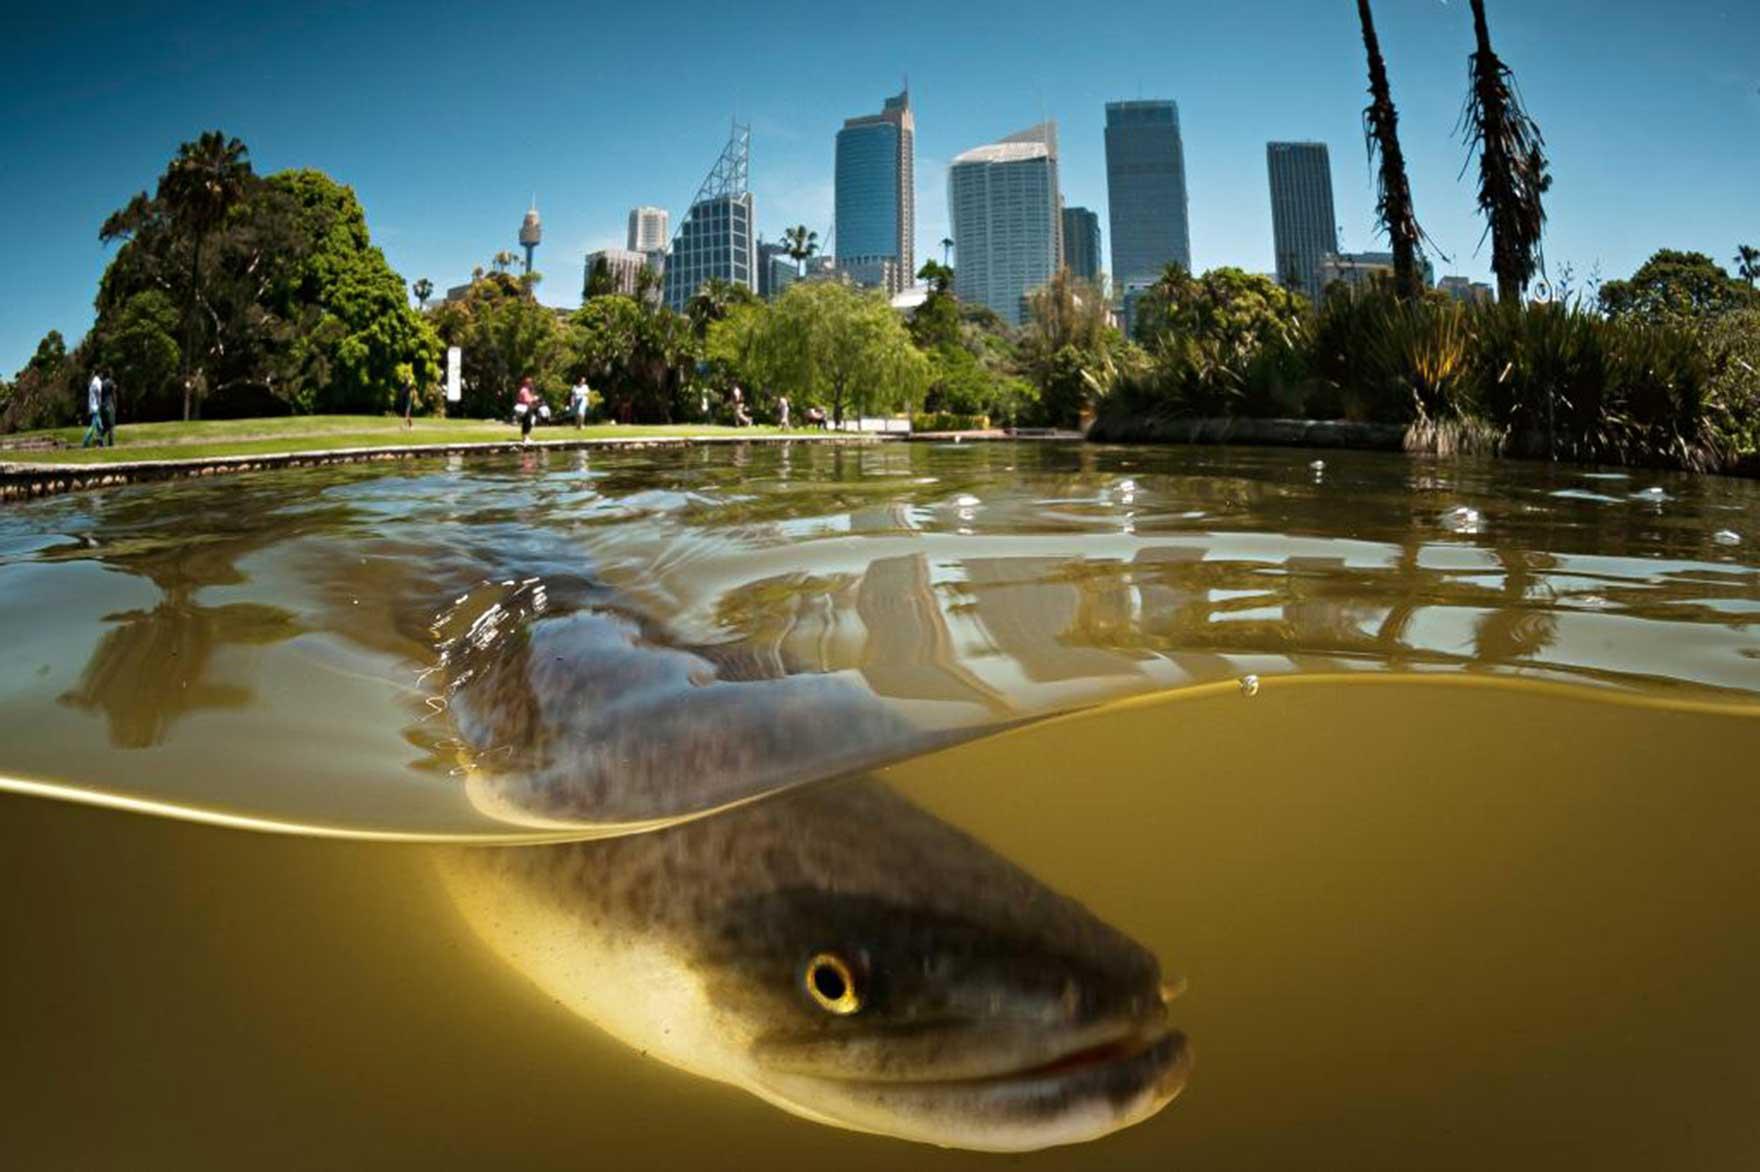 Ausztrália arca 2. rész - Állatok és emberek - Nemigen! Magazin